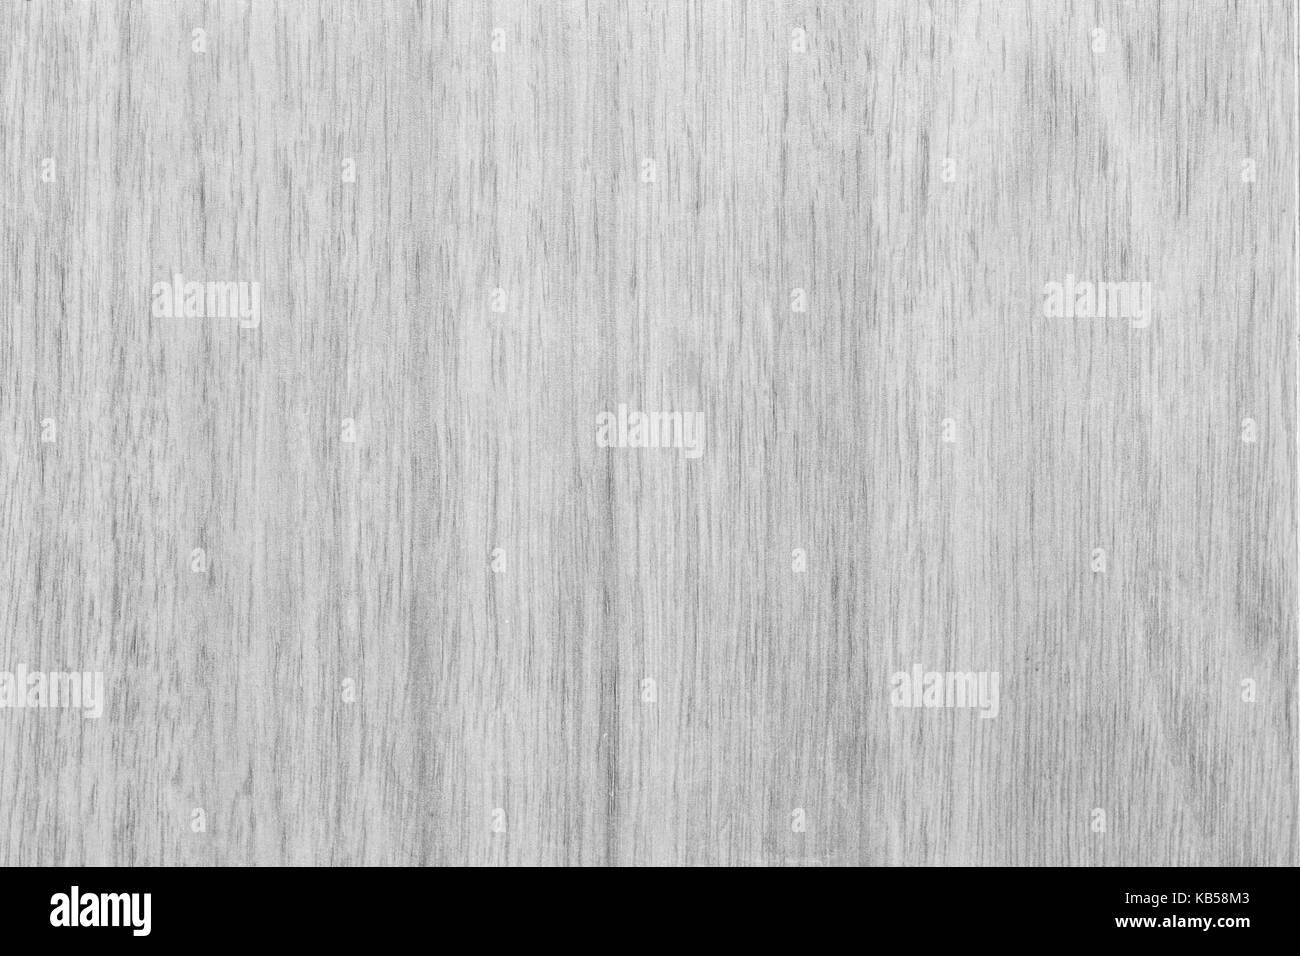 Legno Bianco Texture : Abstract superficie rustico in legno bianco texture tabella sfondo